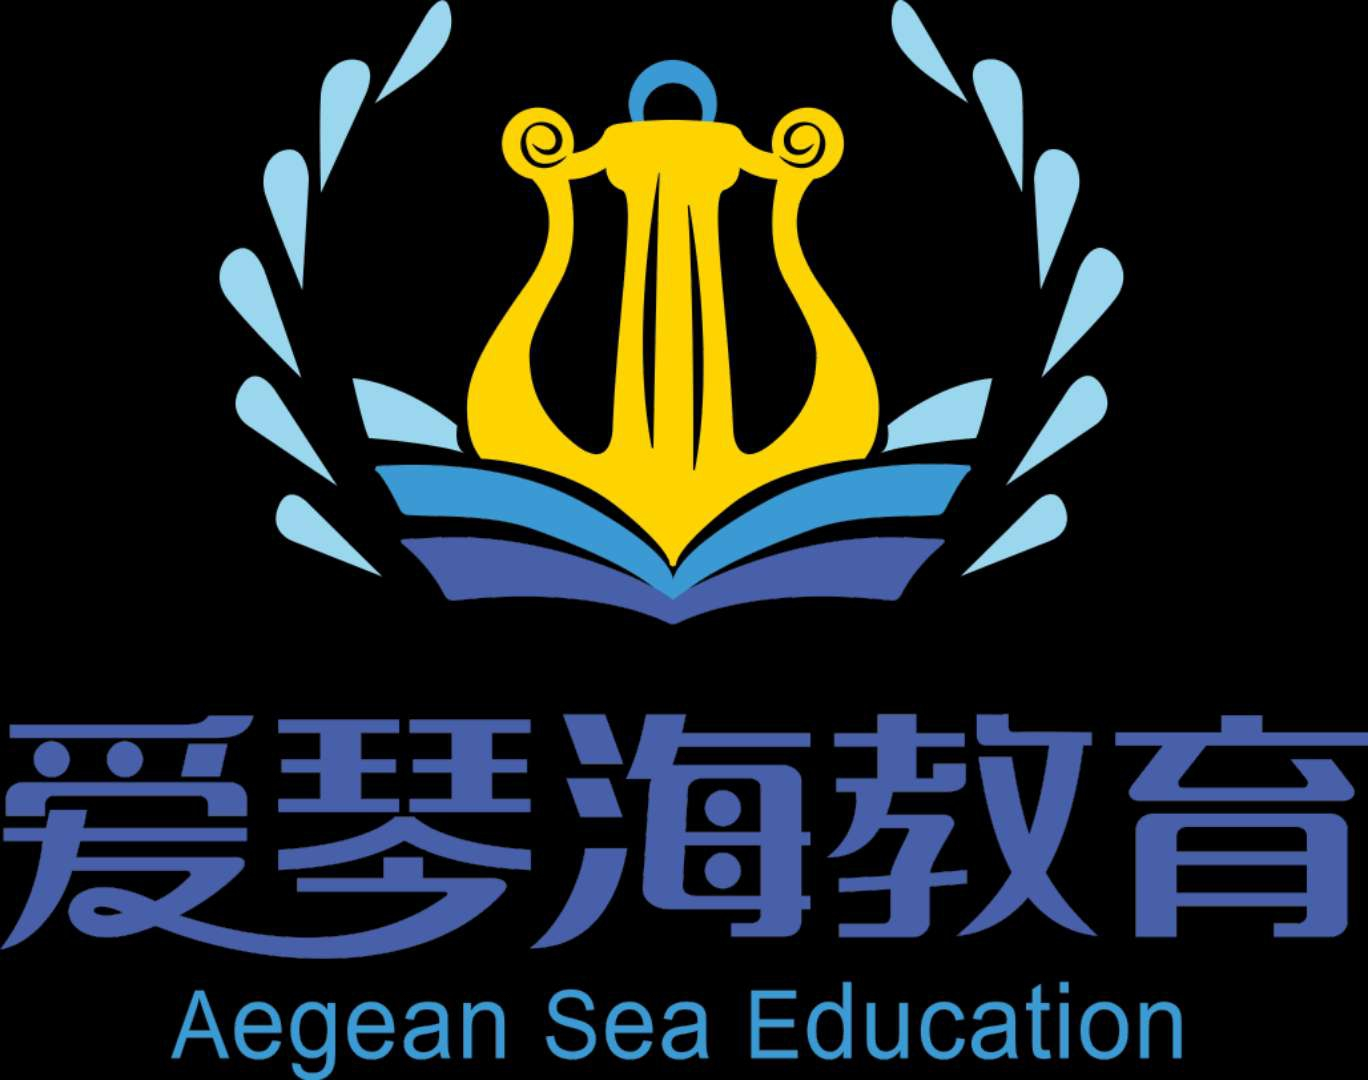 湖北省学琴海教育科技有限公司